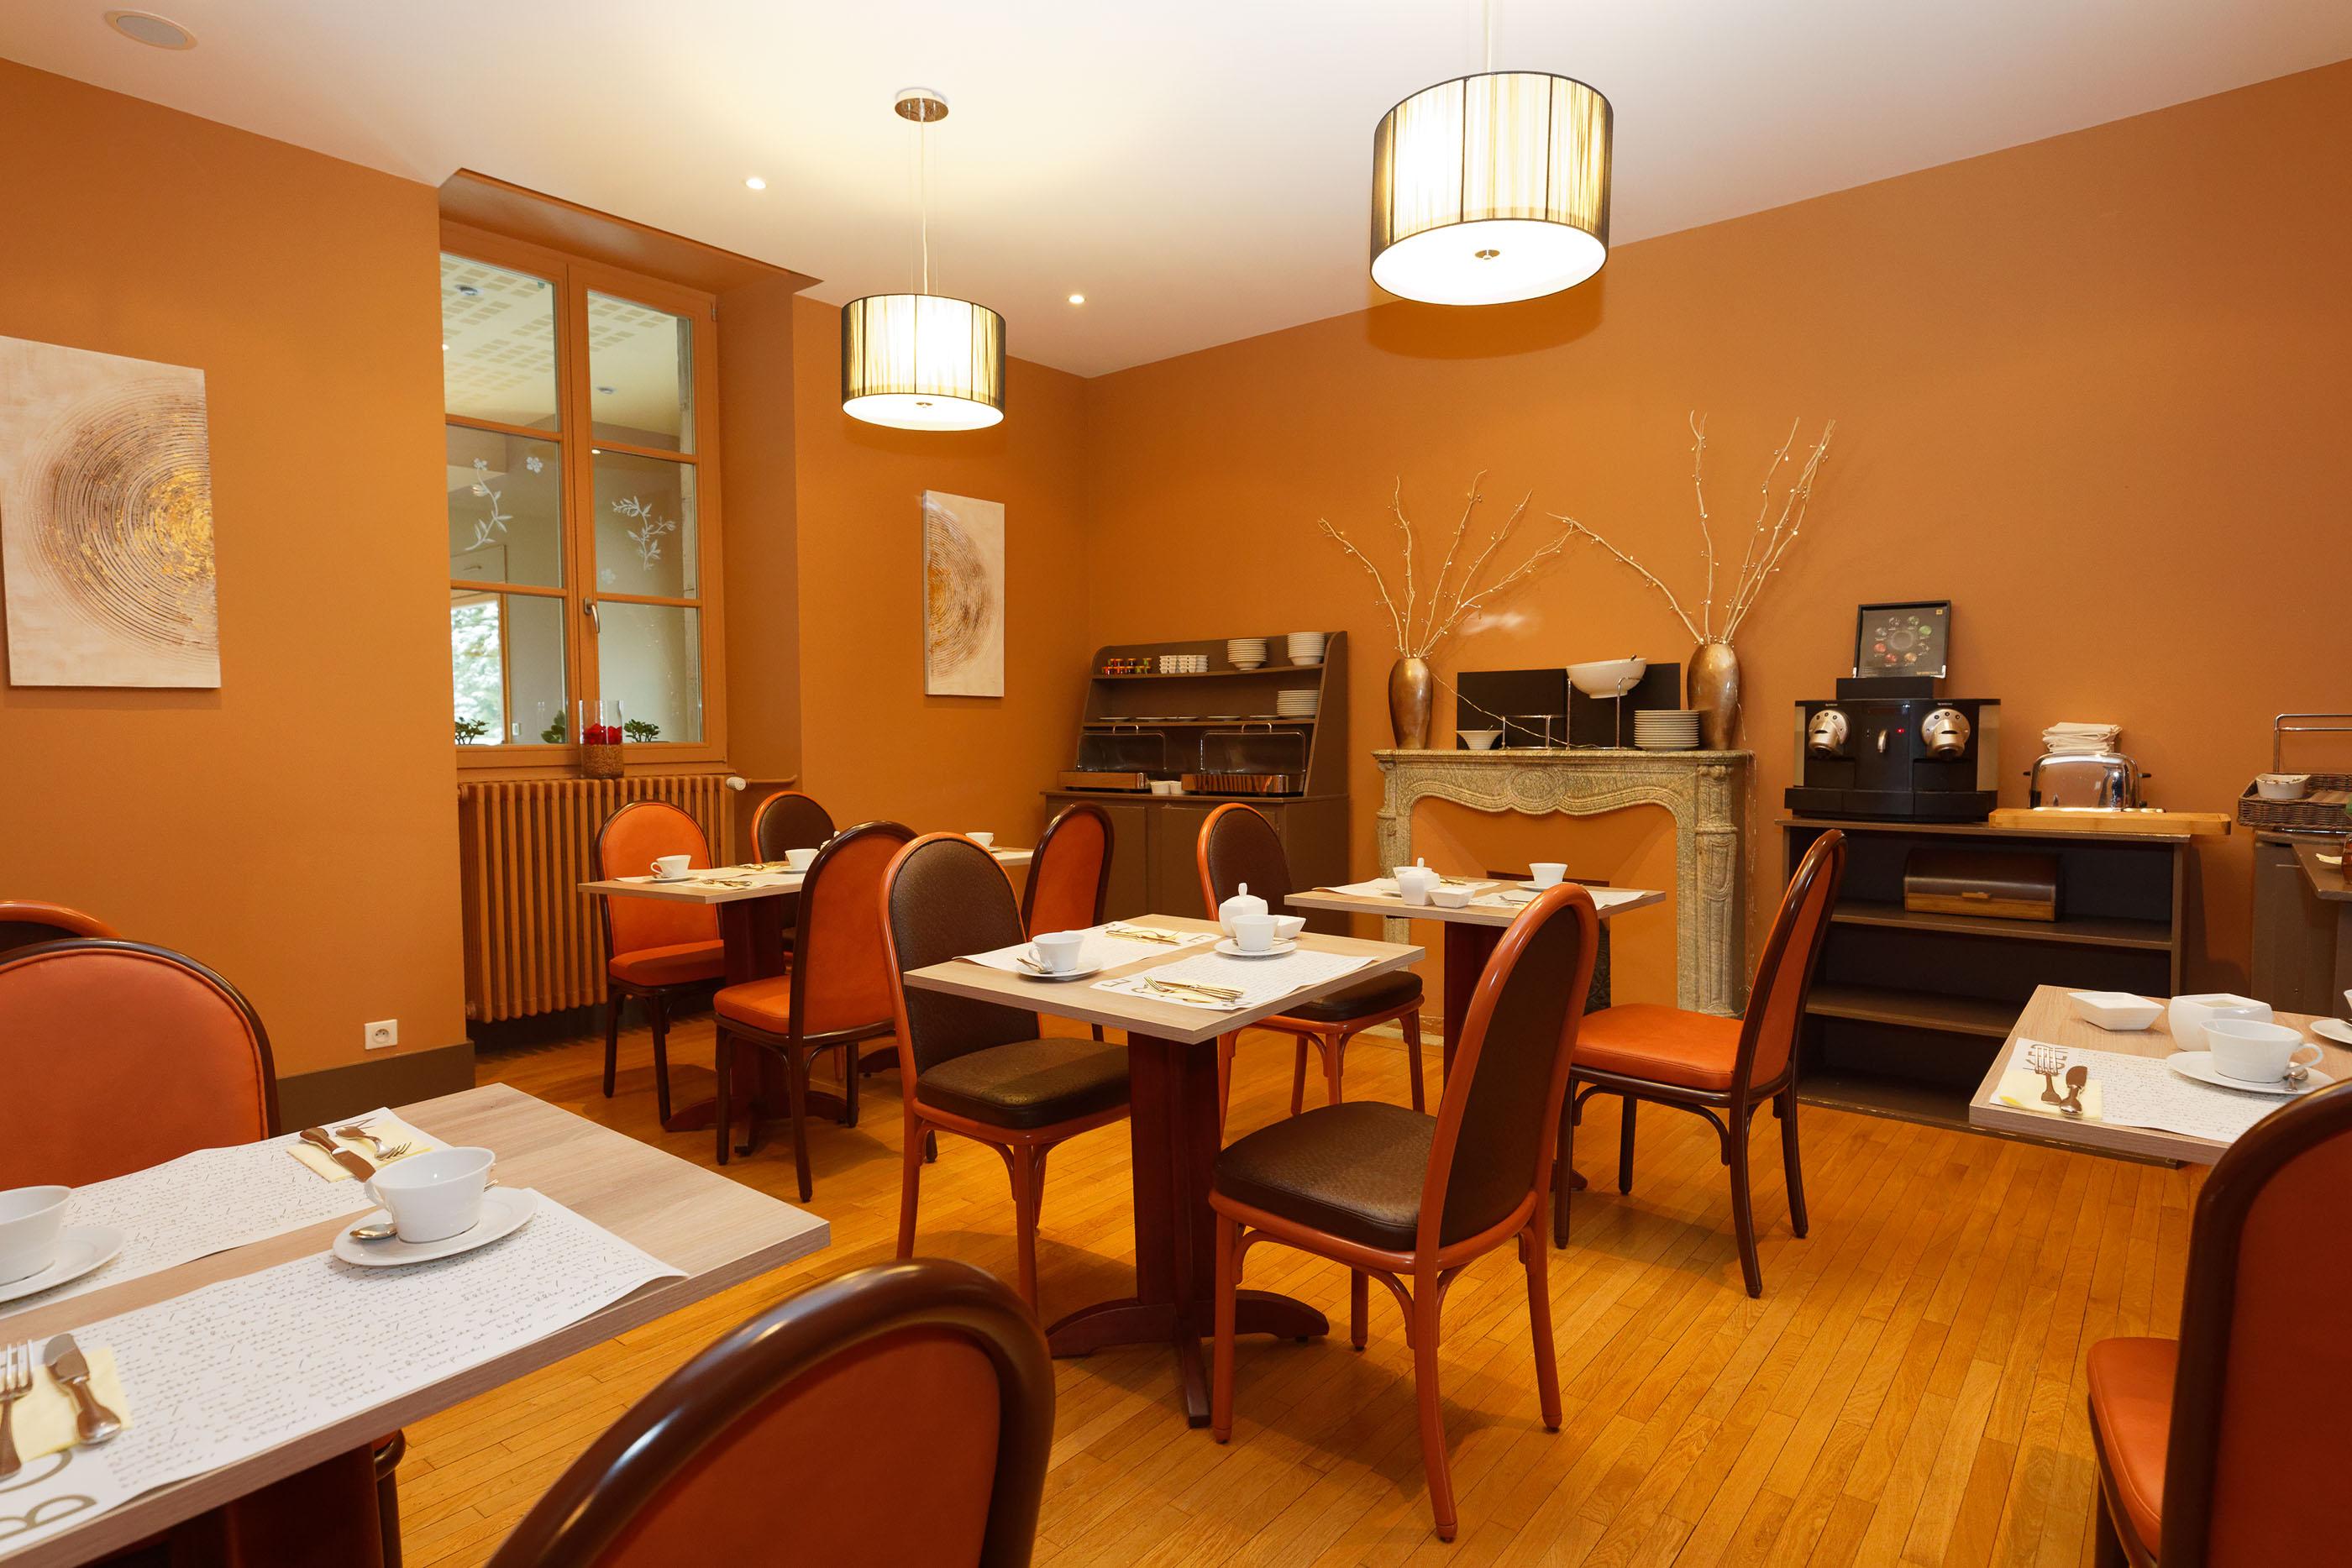 Salle petits déjeuners Hôtel Restaurant trois étoiles à Arbois dans le Jura